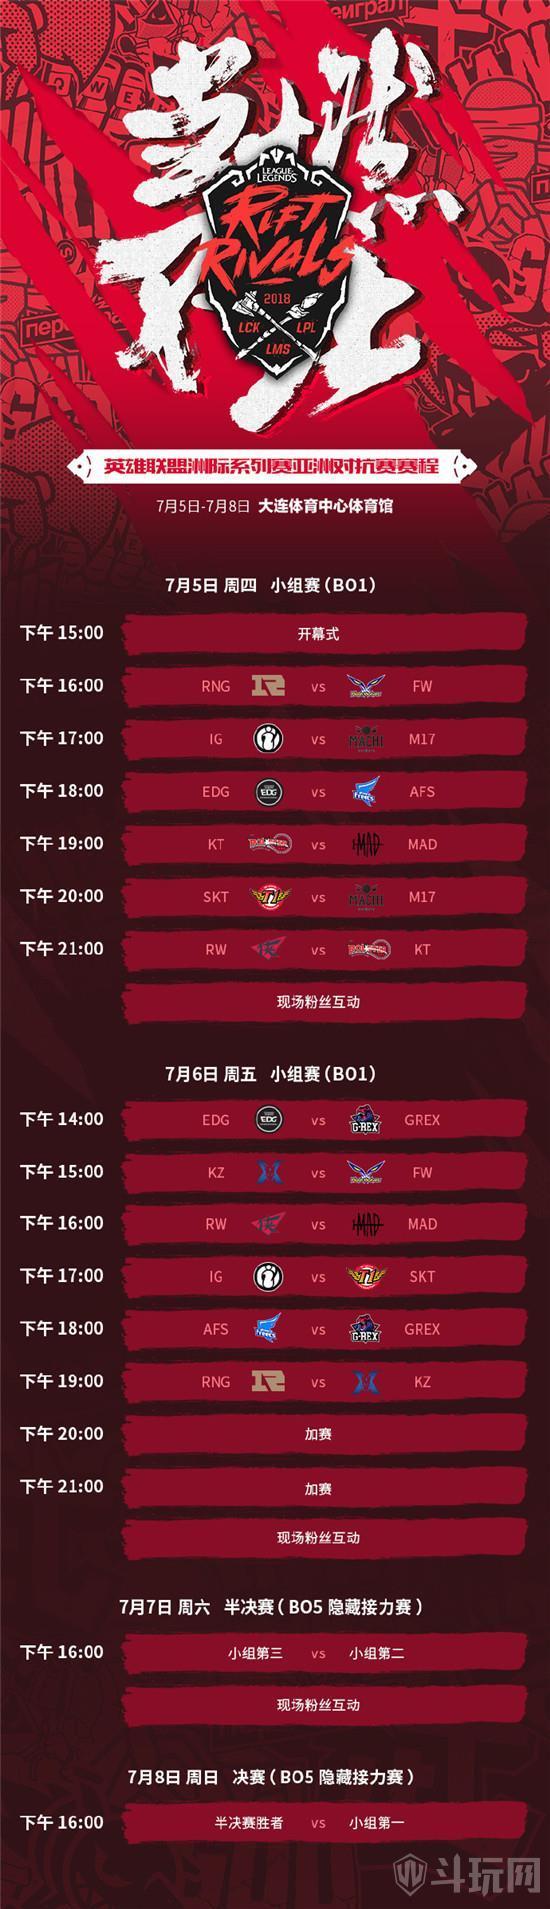 LOL洲际赛赛程汇总 2018亚洲对抗赛赛程时间表